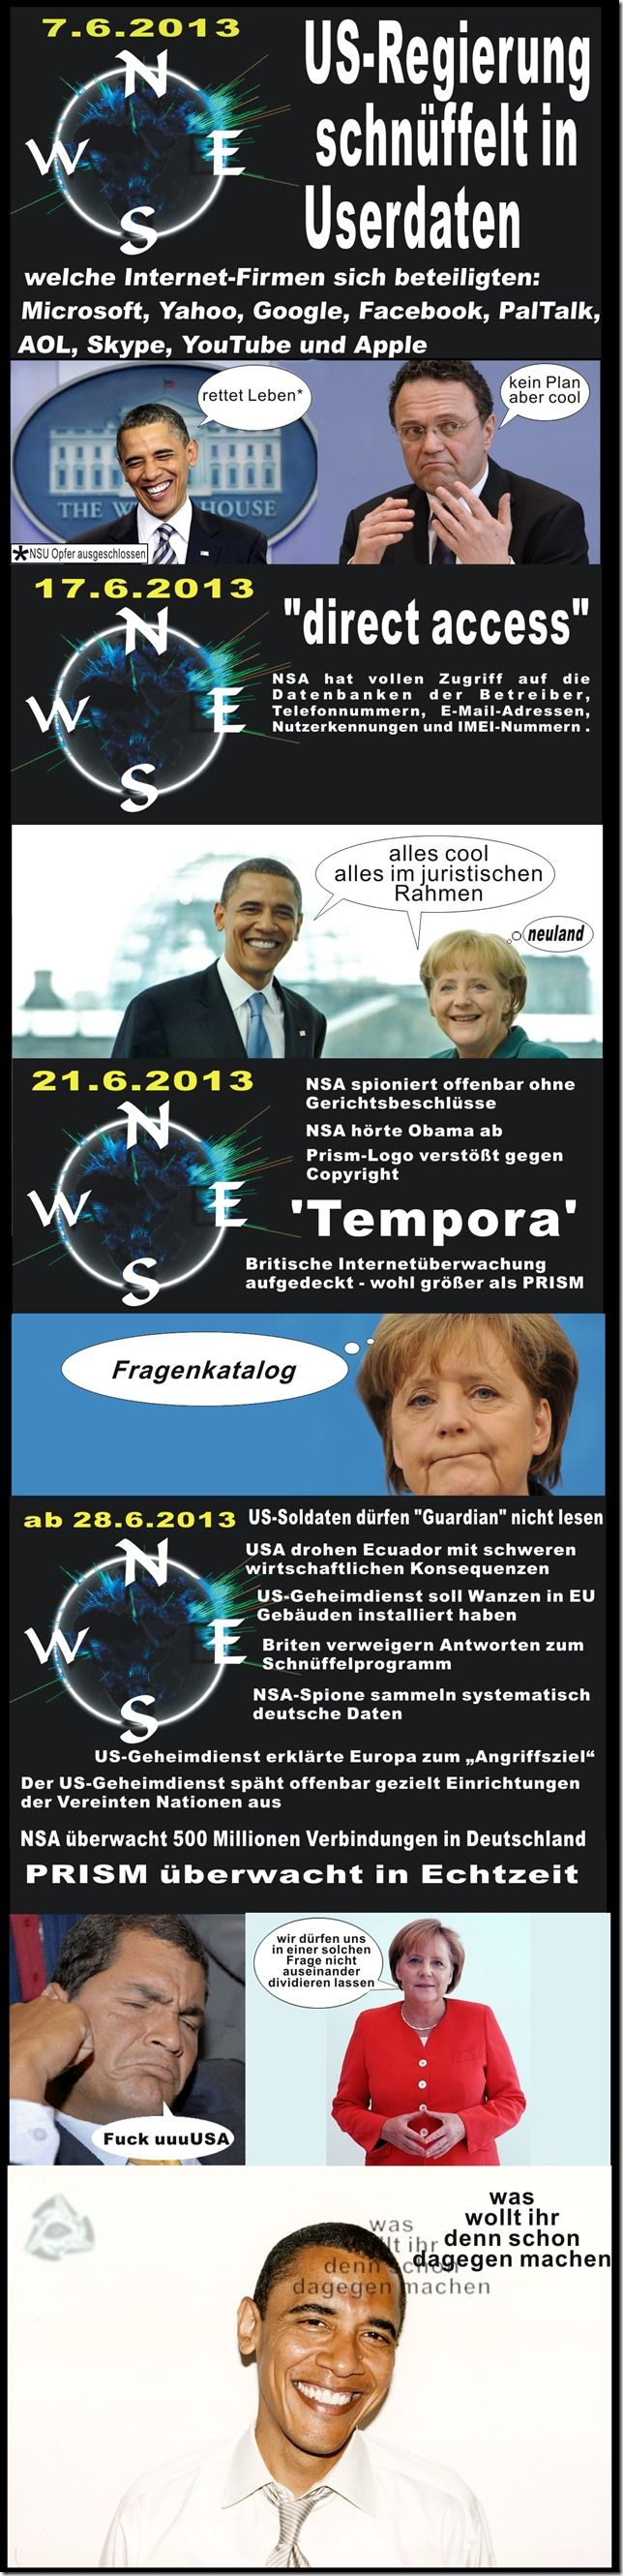 Prism Timeline  #Bilder #Datenschutz #Datenspeicherung #Deutschland #Eigentum #EU #Facebook #ferngesteuert #google #Information #Internet #Irrsinn #Medien #Microsoft #Netzwerk #News #NSA #politik #Prism #Rechtsstaat #Tempora #UN #USA #Wissen